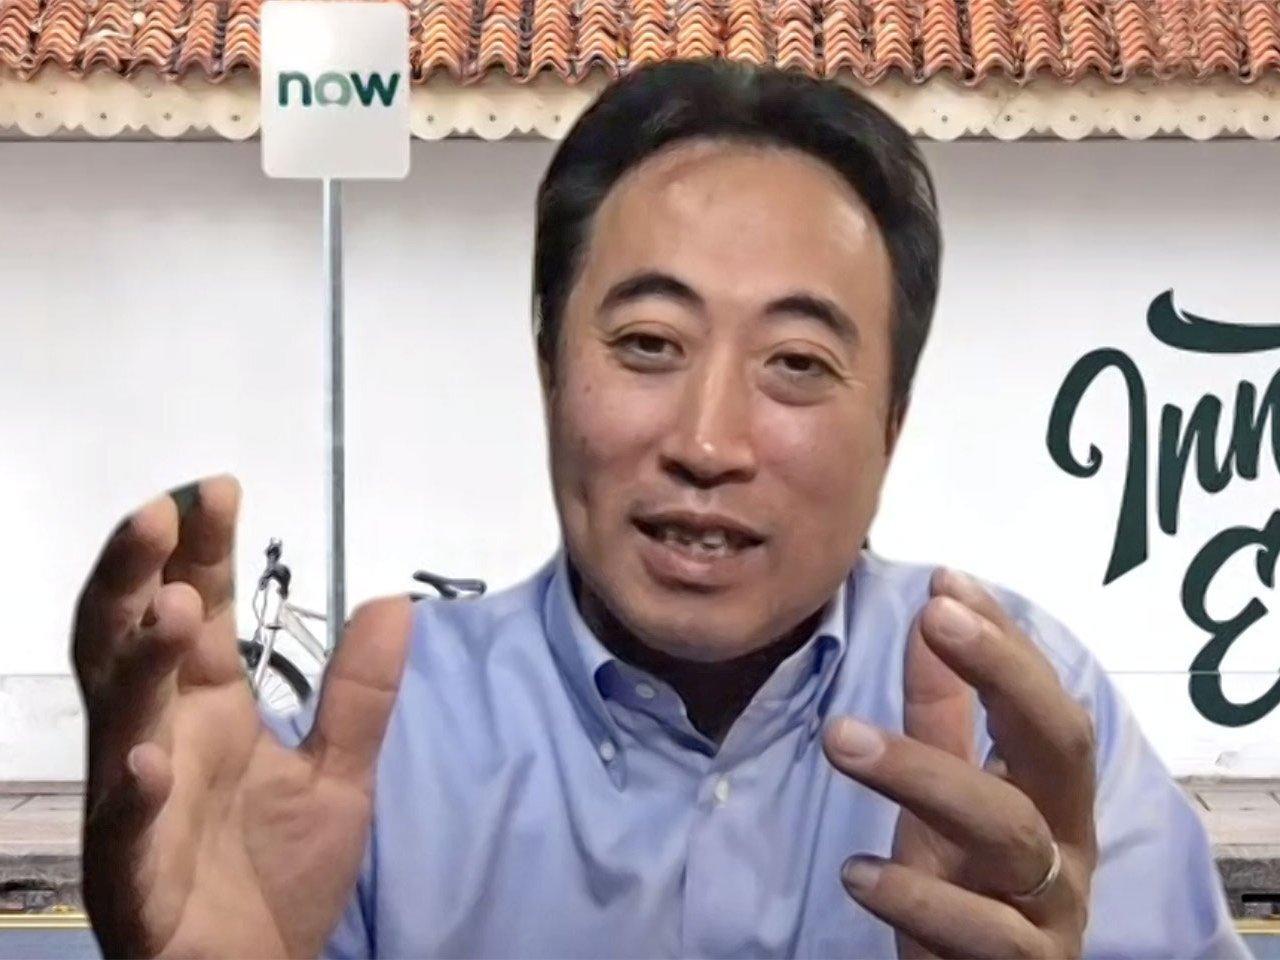 ServiceNowはユーザーに何を提供してくれるのか--日本法人社長に聞く - ZDNet Japan